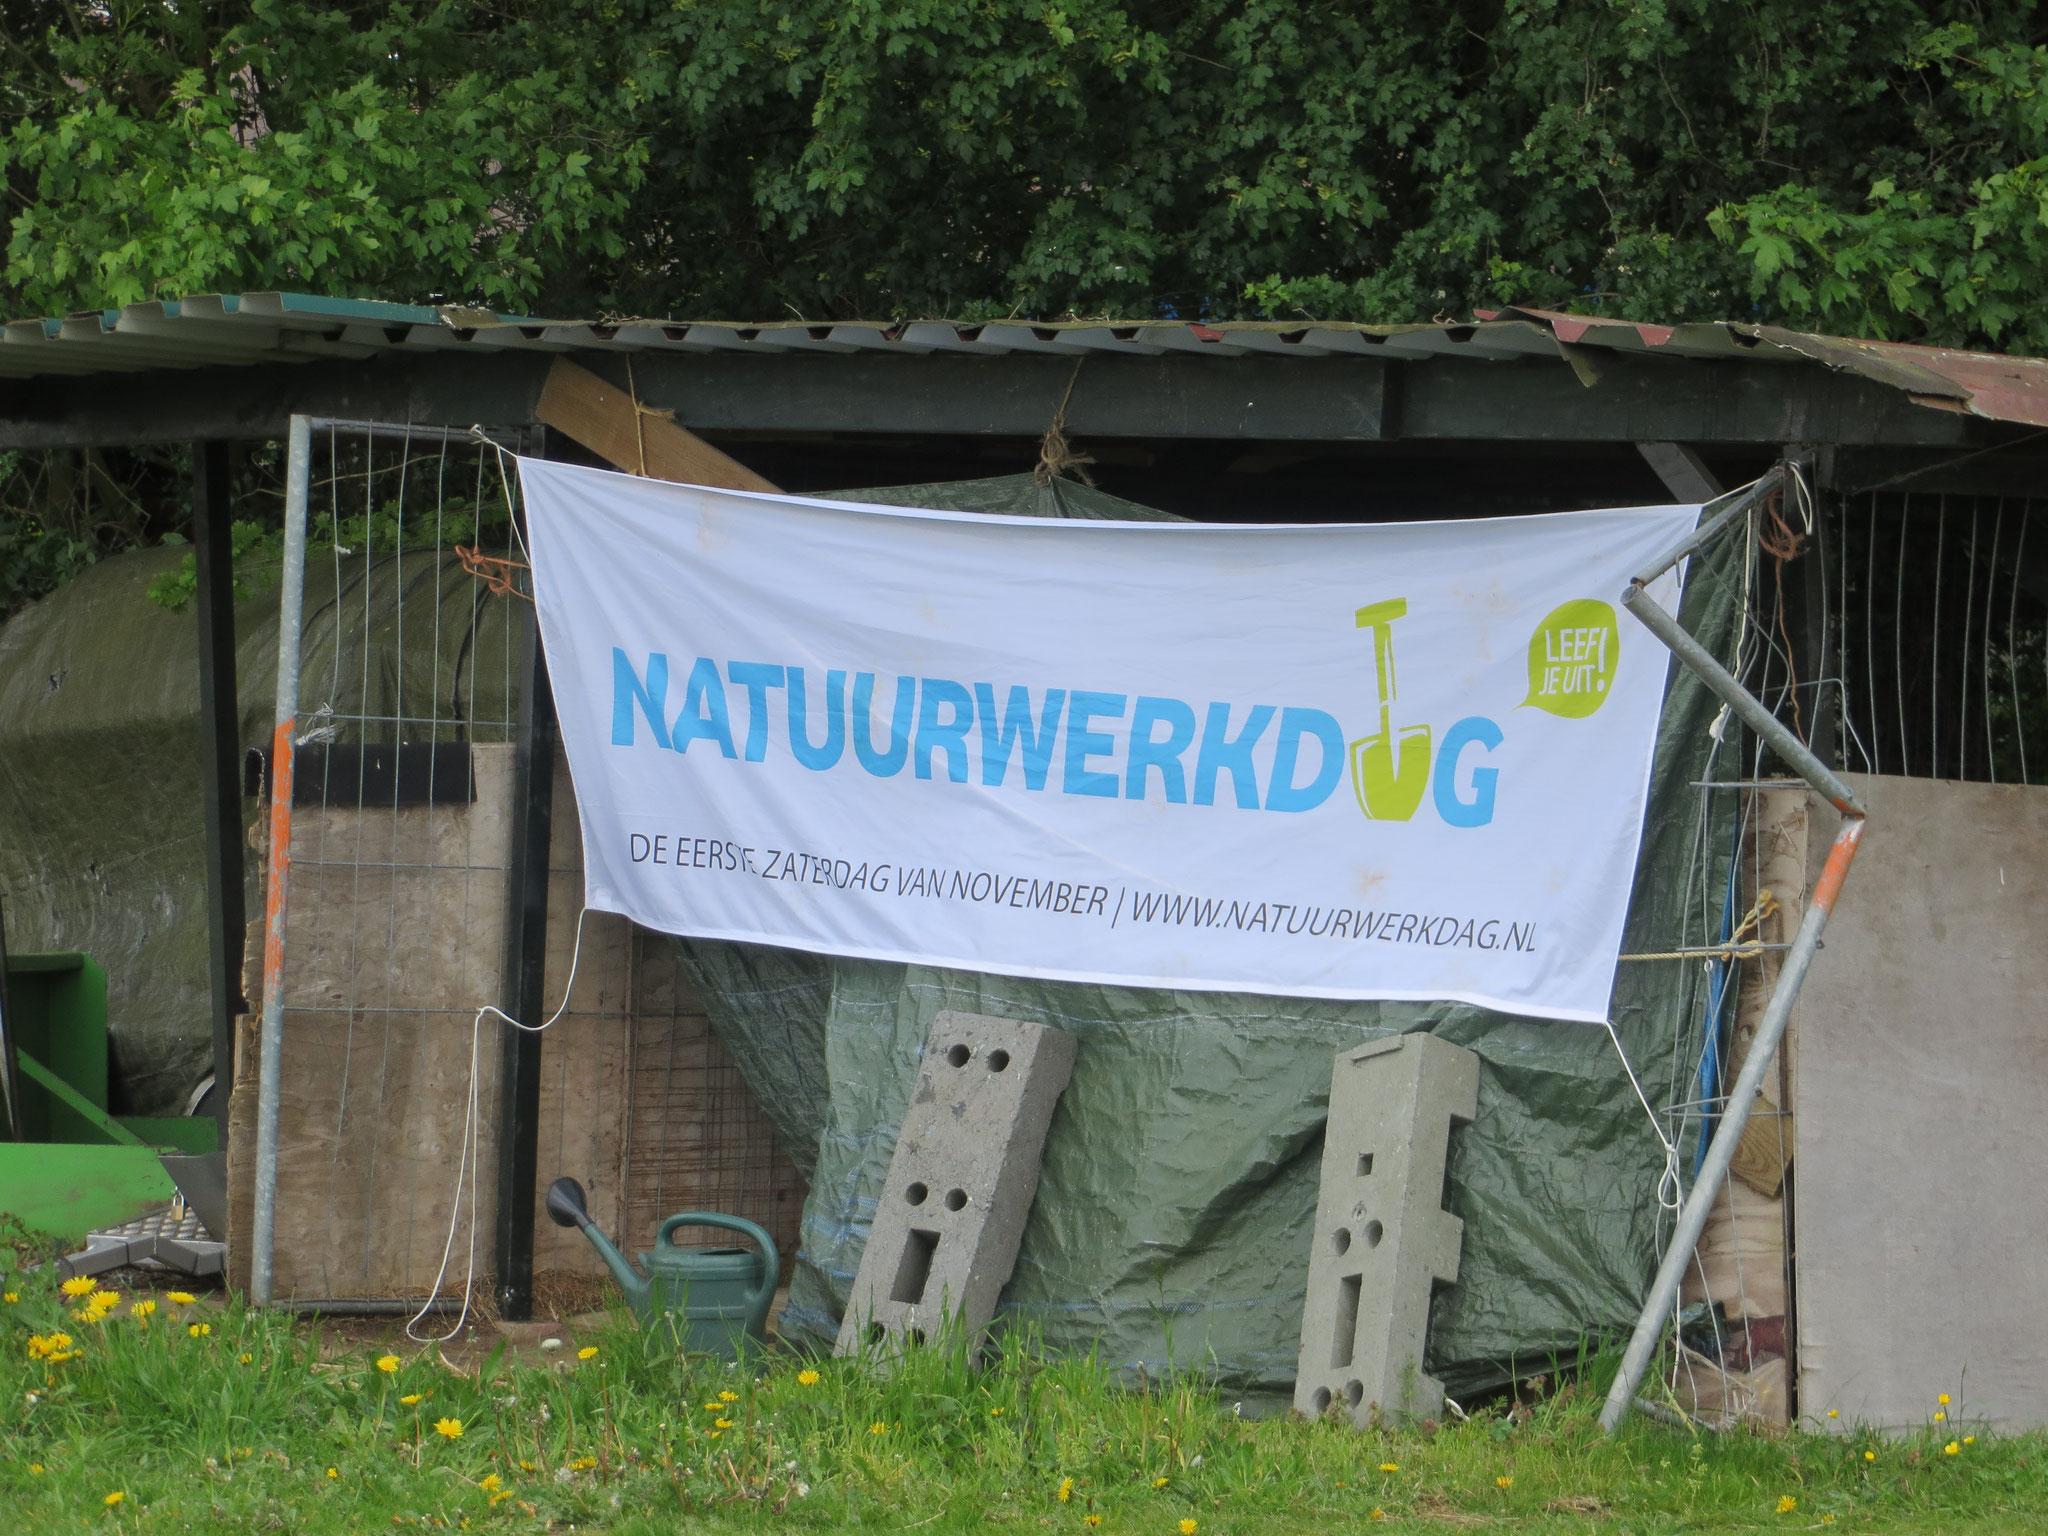 Aankondiging van de Natuurwerkdag.